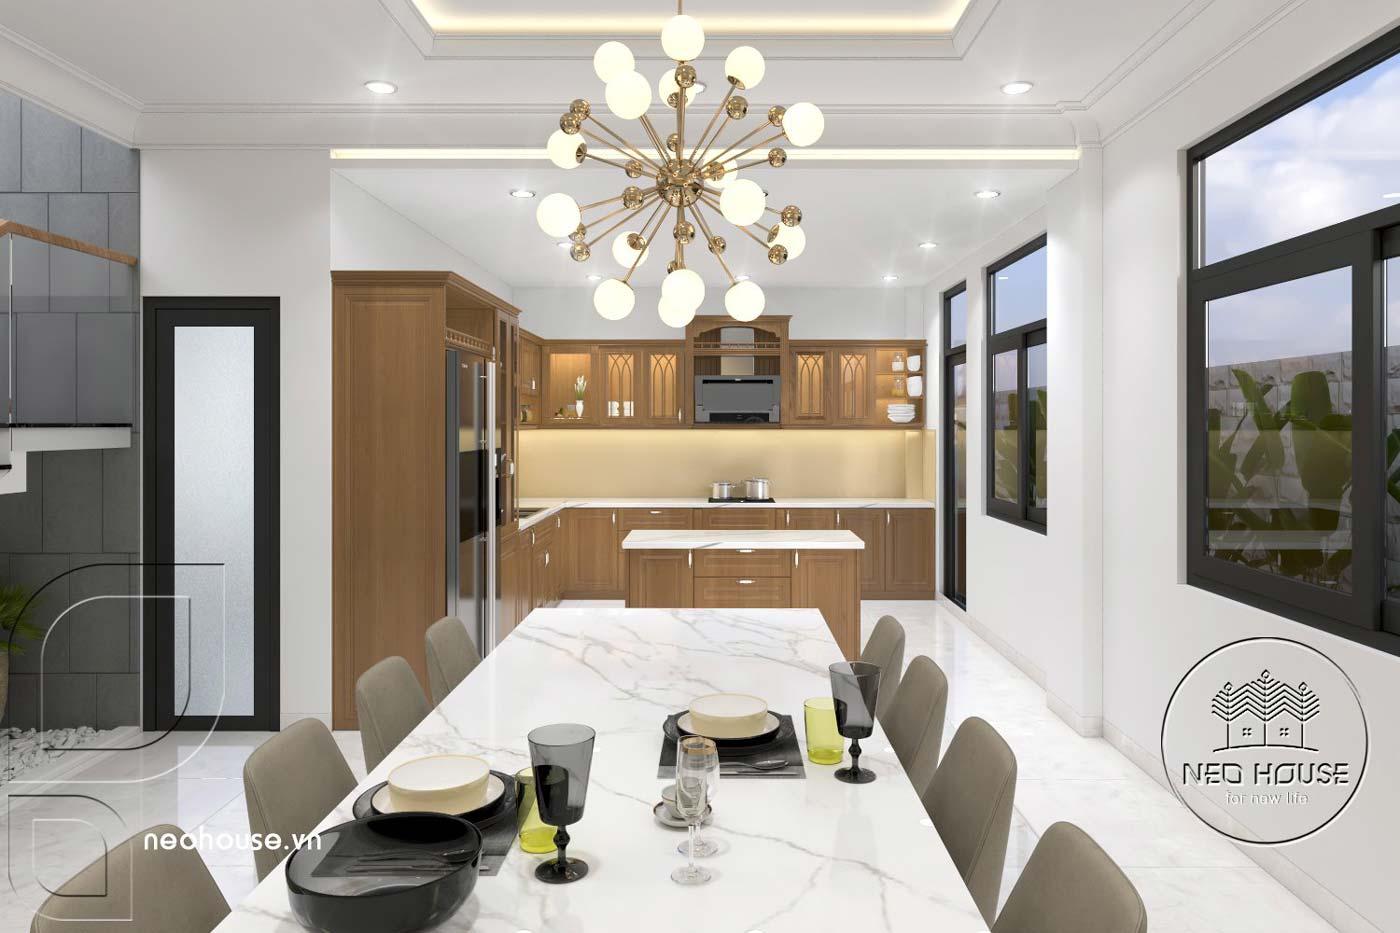 Thiết kế thi công cải tạo nhà phố 3 tầng với không gian nội thất phòng bếp + ăn. Ảnh 1